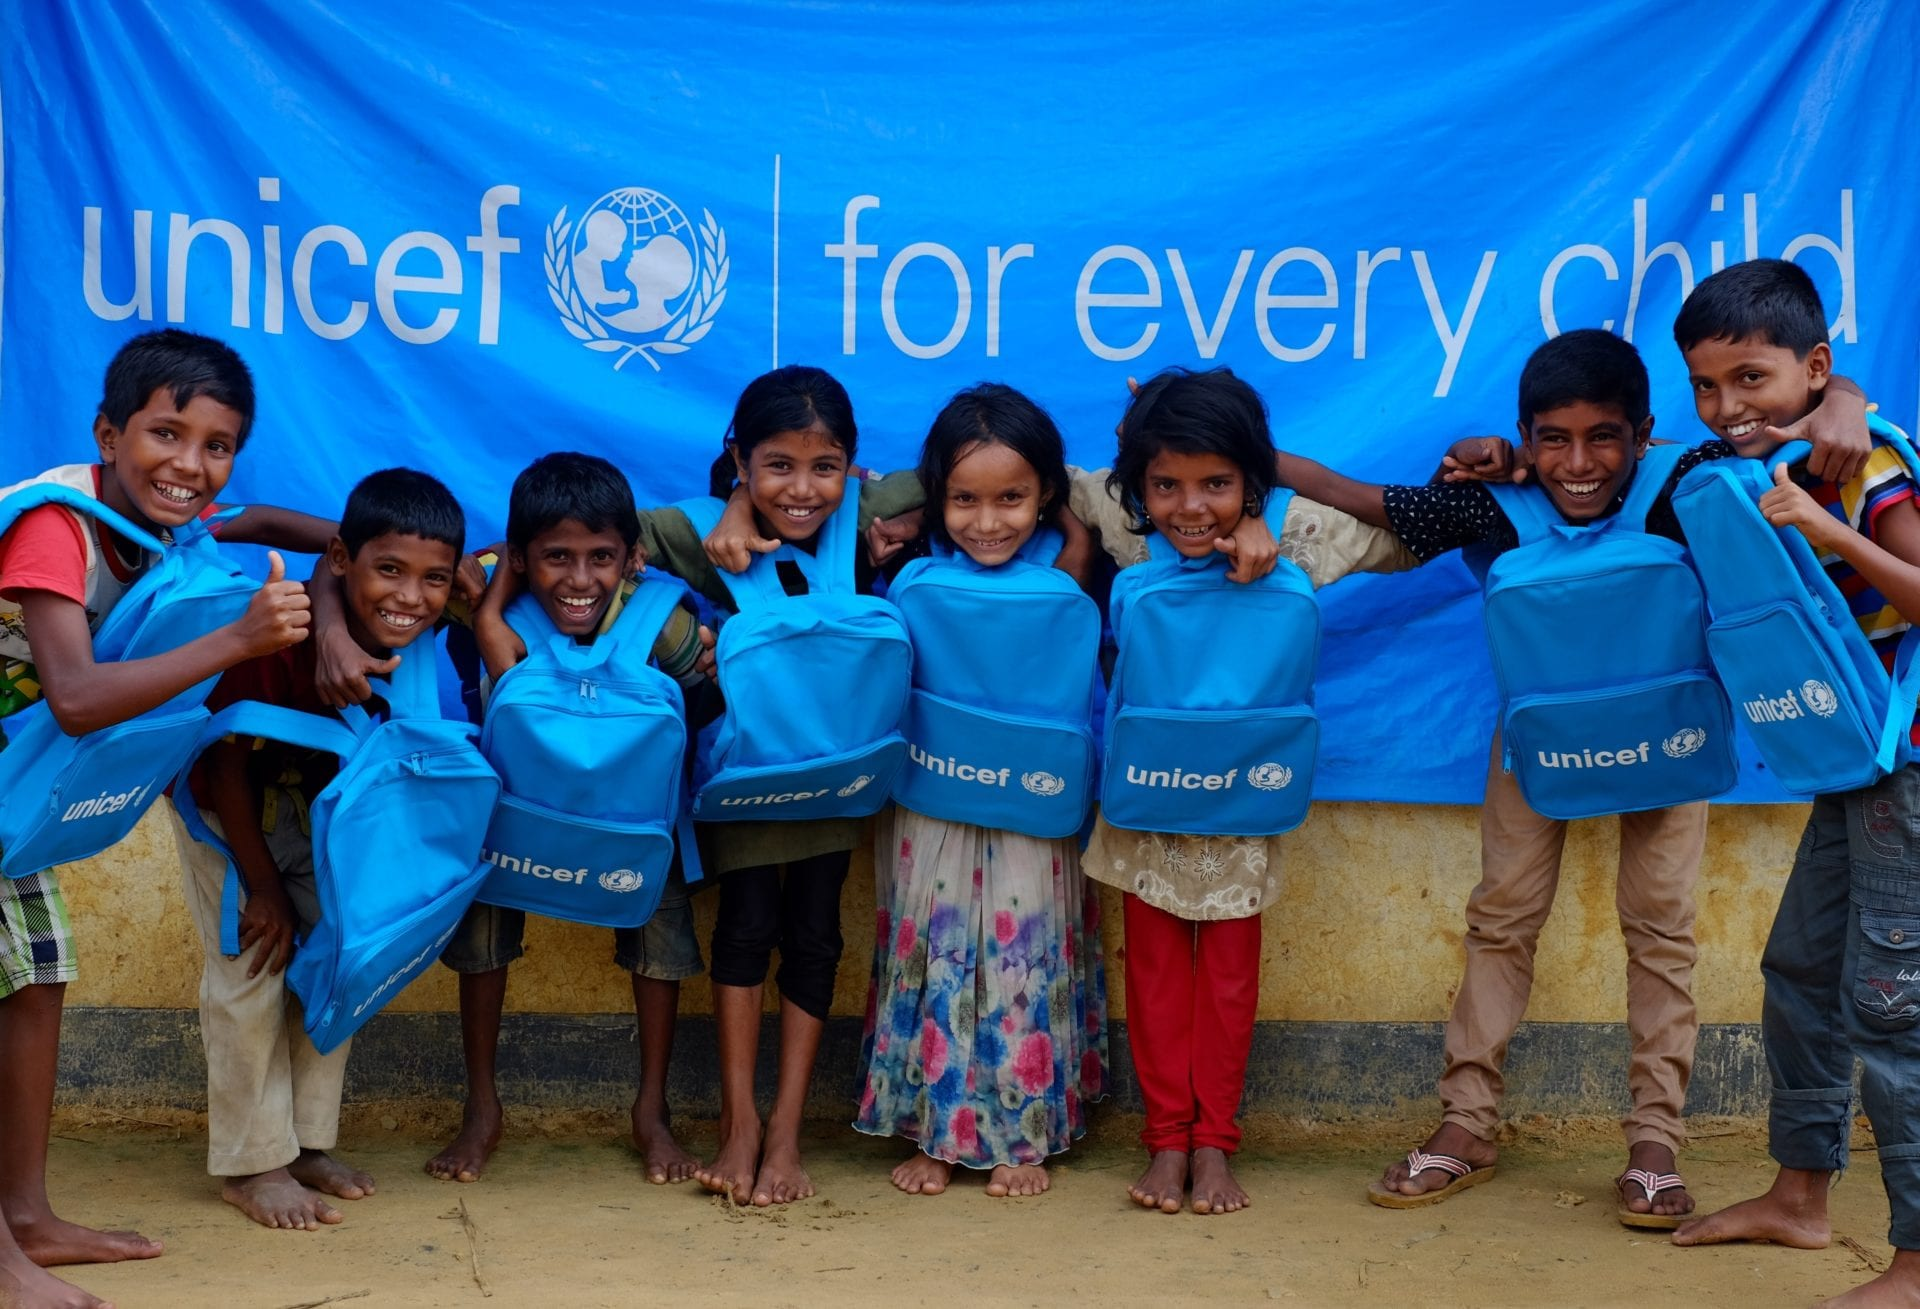 Frente al aumento de la pobreza infantil, UNICEF llama a fortalecer la  protección social | PRESENTE RSE